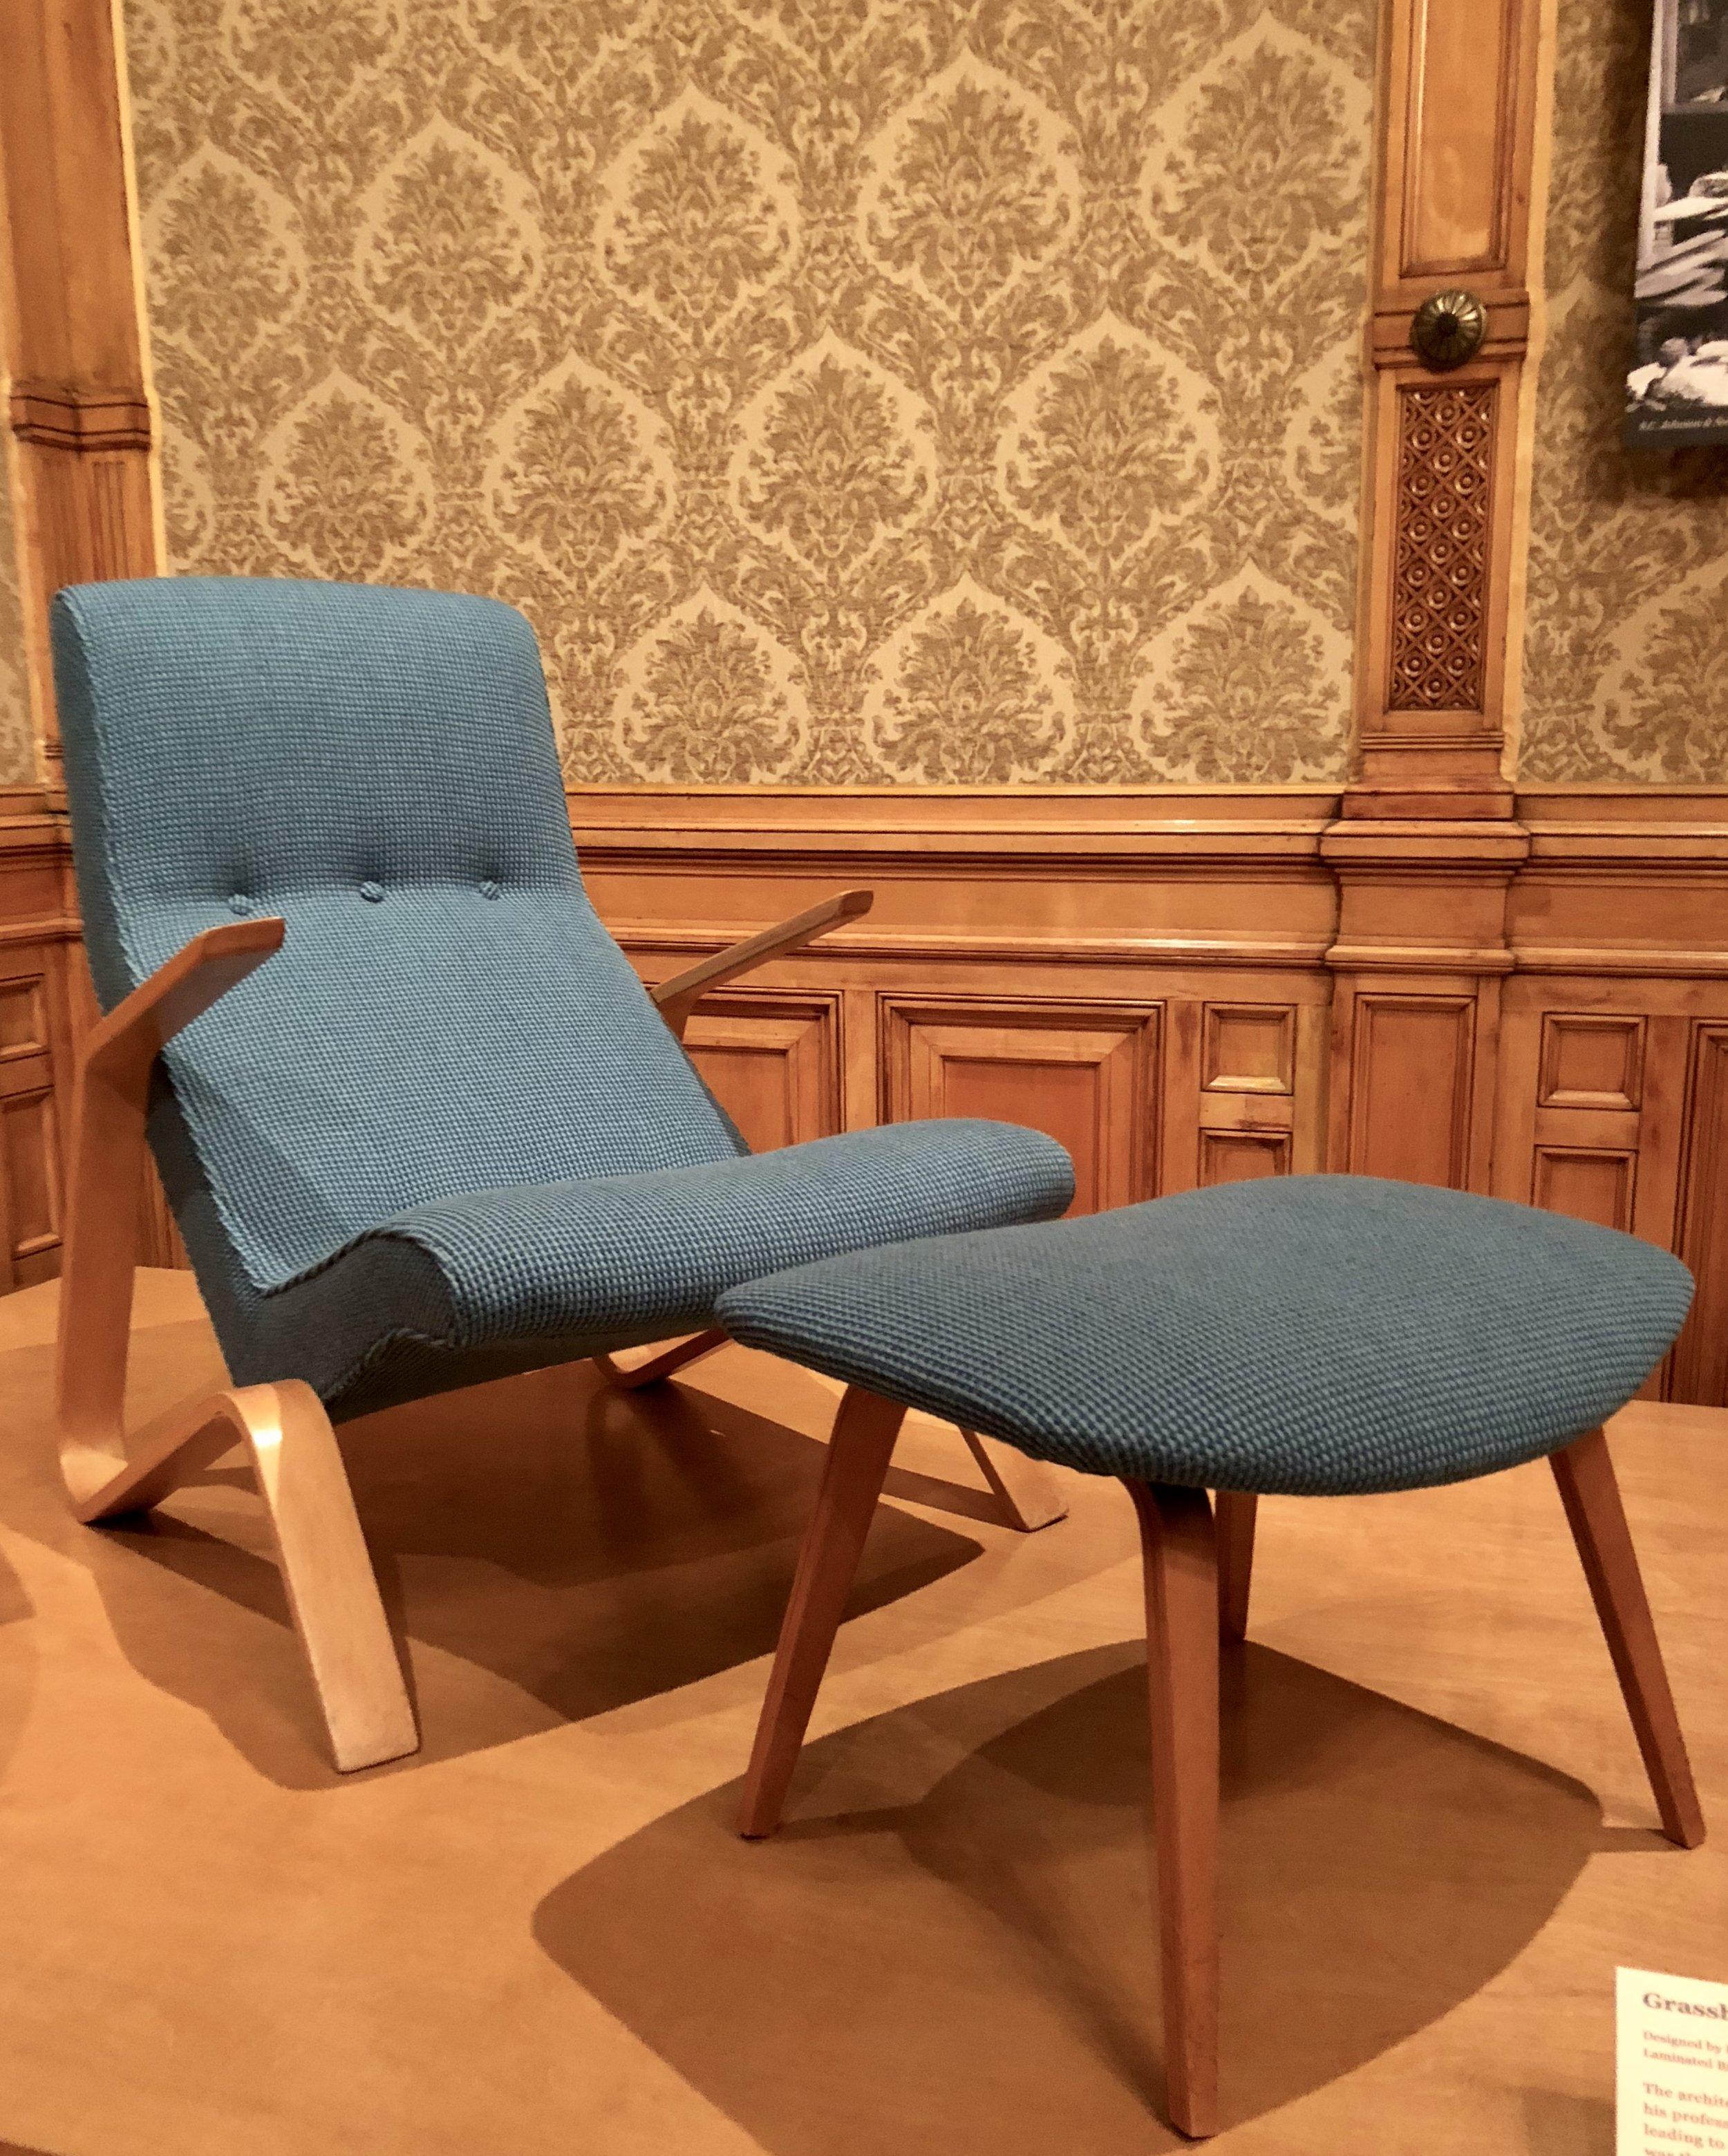 iunpatterned-driehaus-chair-8.jpg